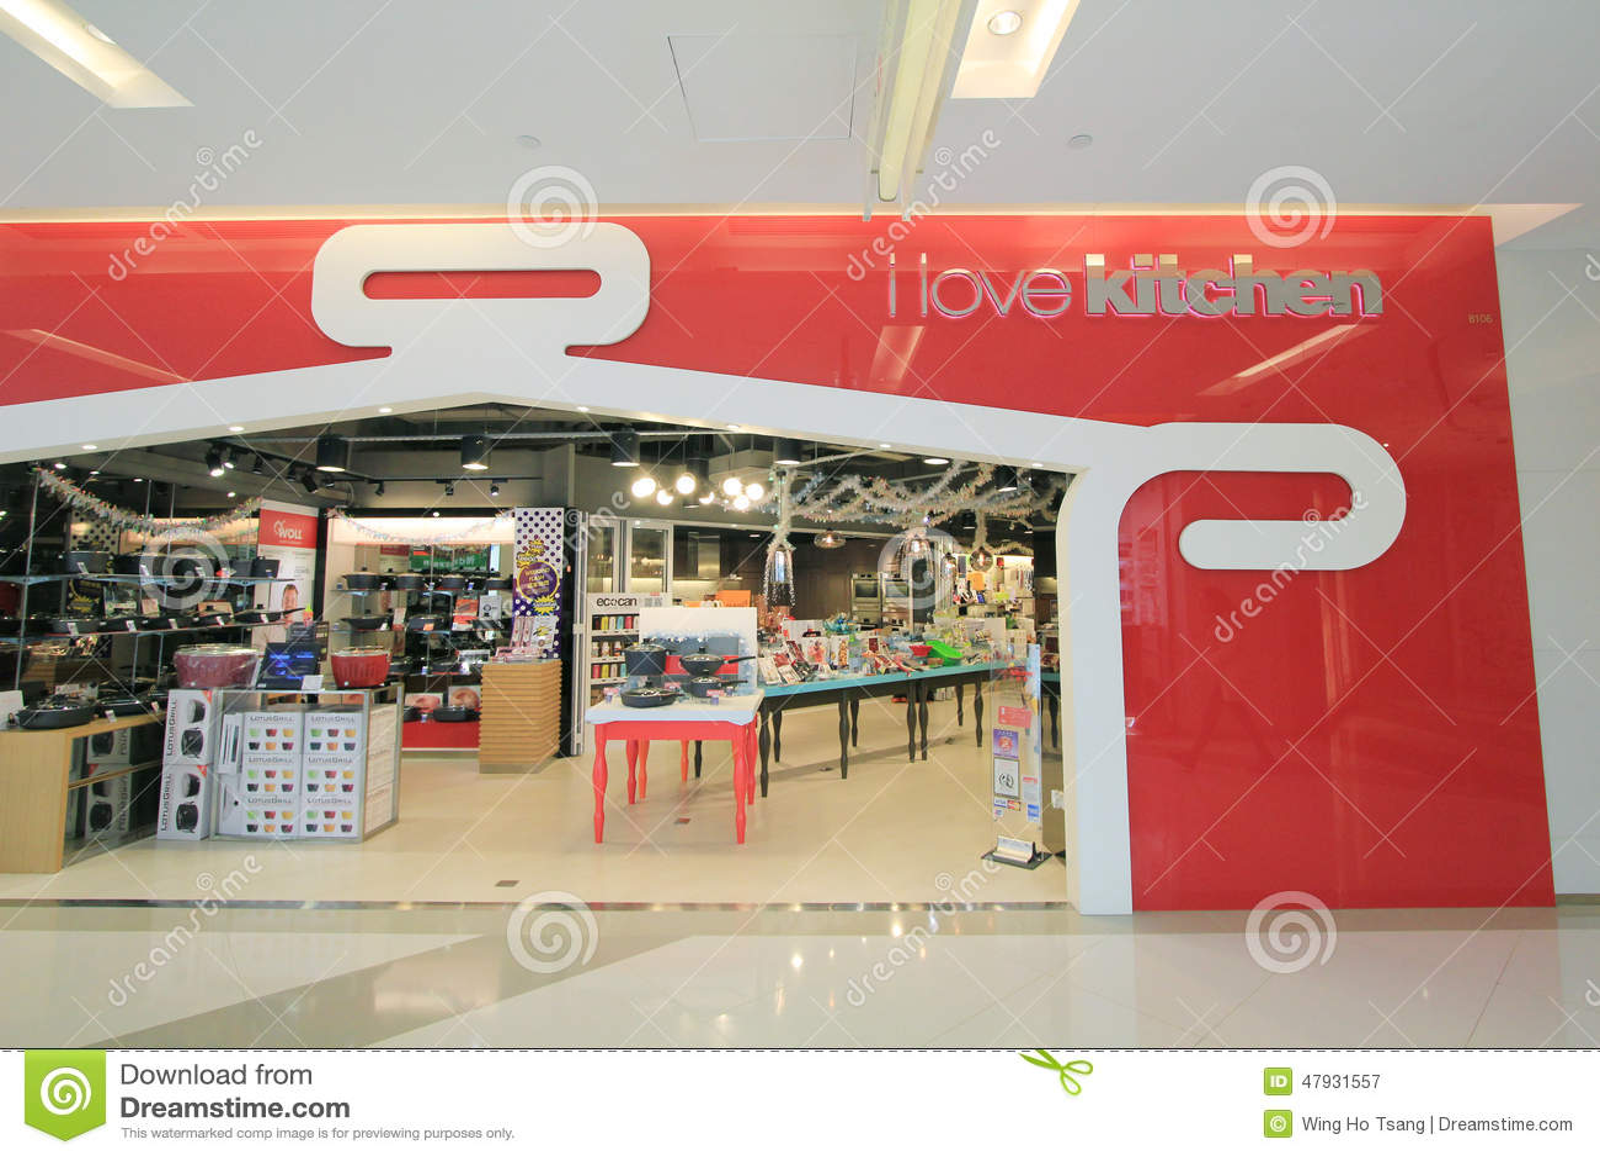 Küchenshop  Ich Liebe Küchenshop In Hong Kong Redaktionelles Stockfotografie ...